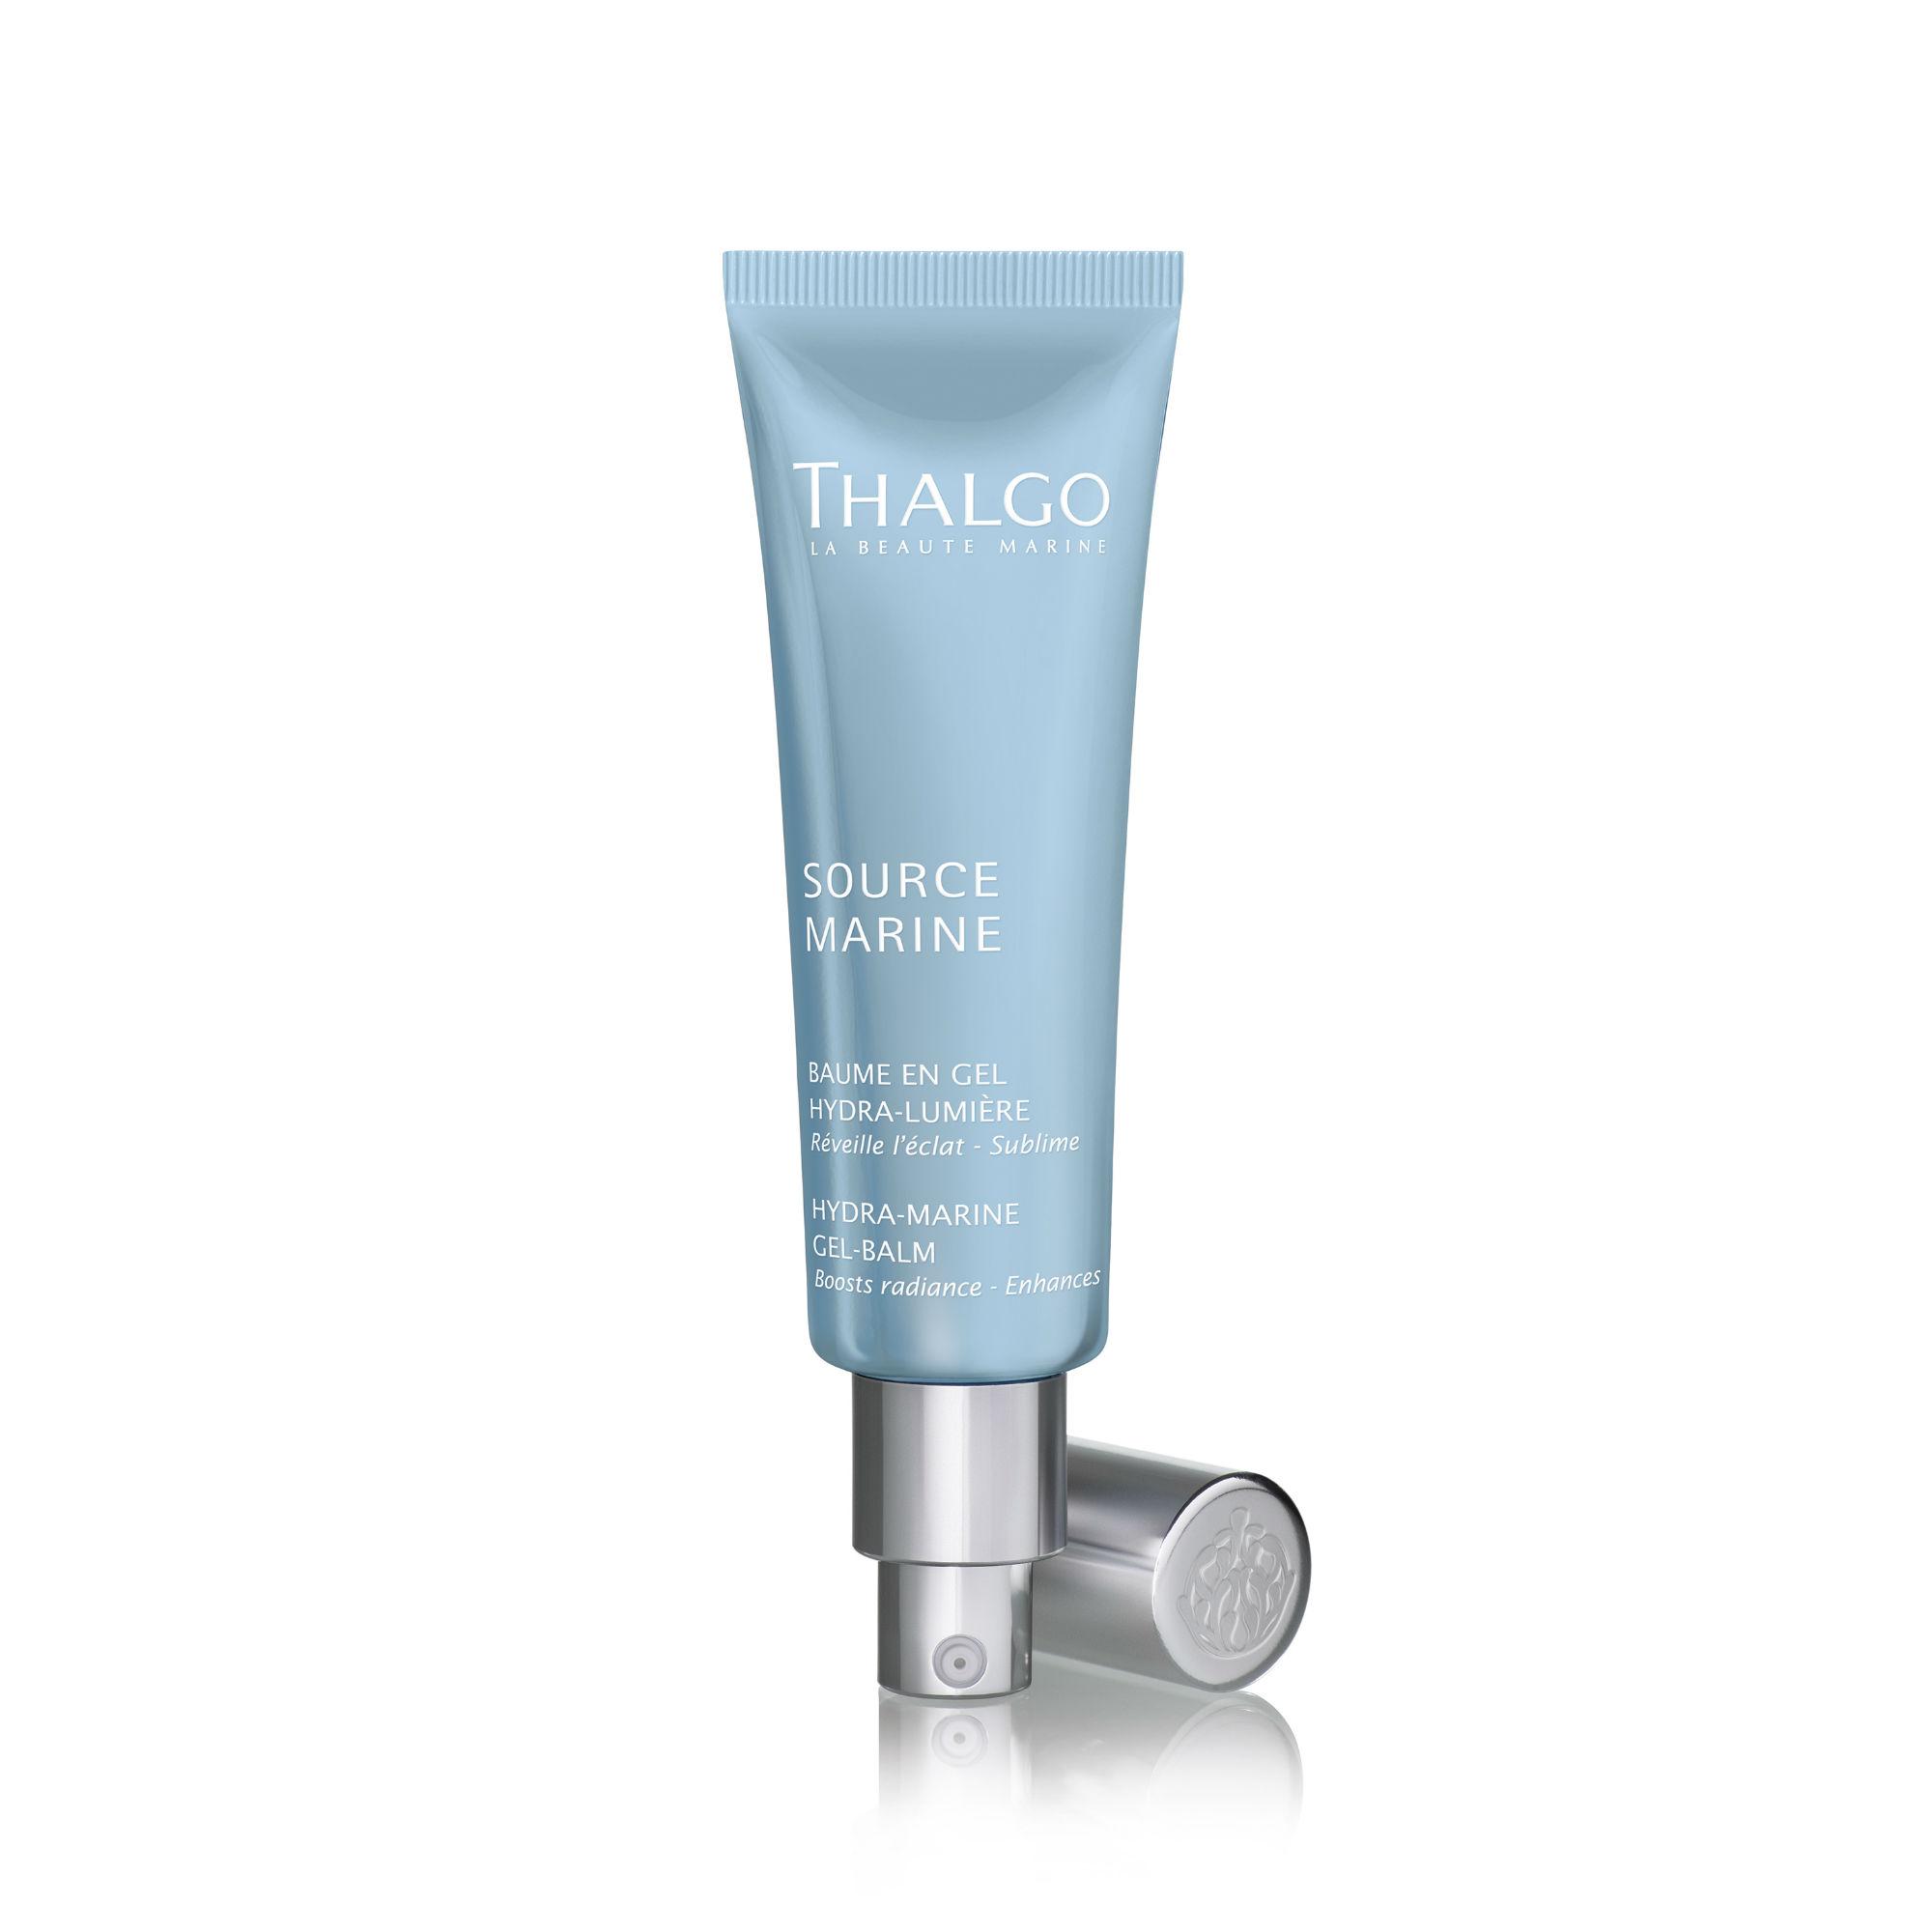 THALGO Гель-бальзам увлажняющий для сияния кожи Морской источник / Radiance balm-in-gel 50 мл